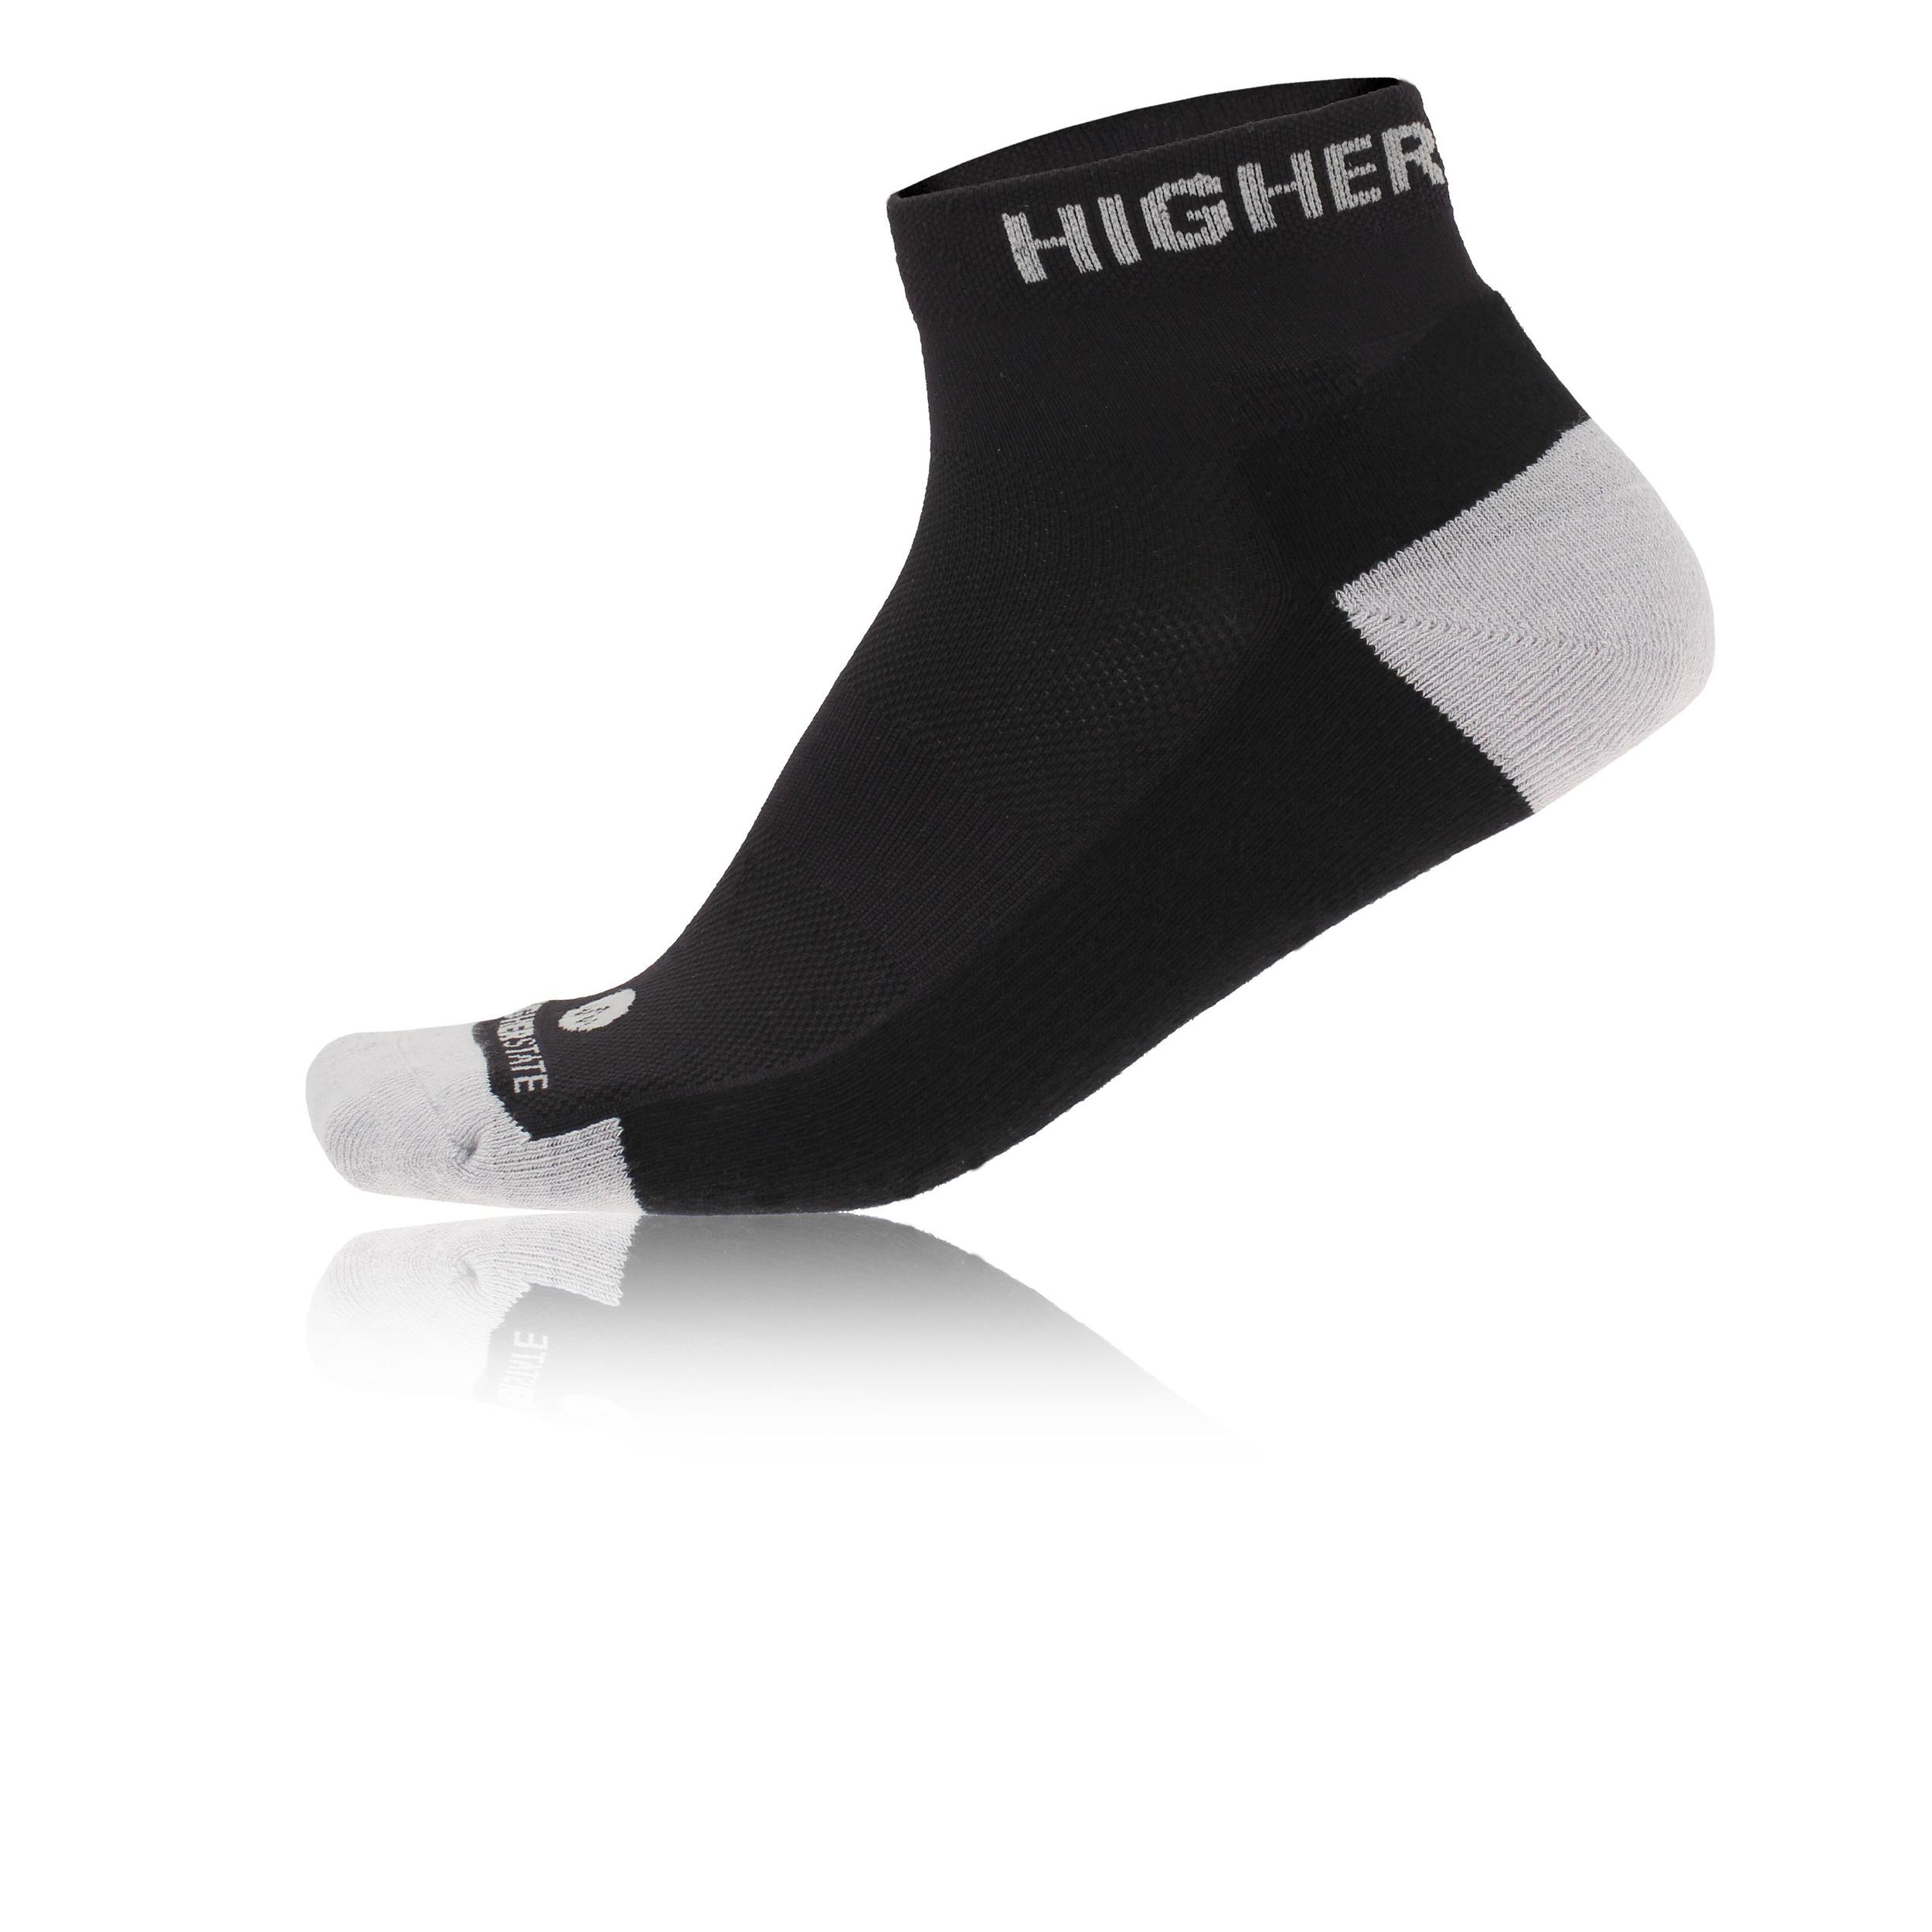 Higher State Mens 6 Freedom Lite Pack Mens Black Trainer Socks 6 Pack